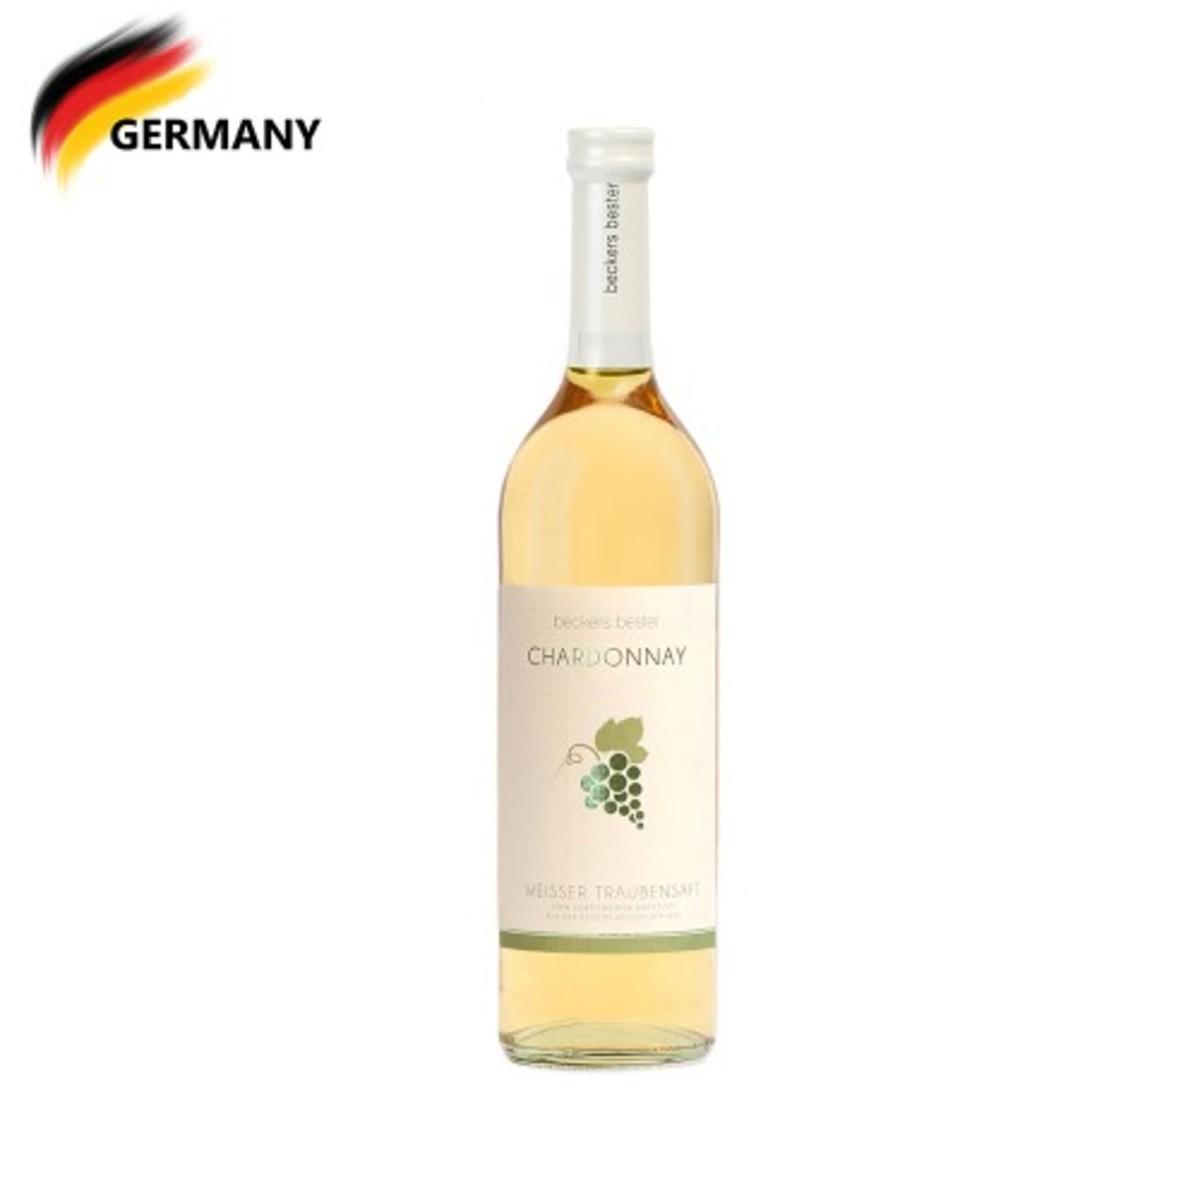 精選意大利霞多麗白葡萄汁 Chardonnay - White Grape Juice 700ml